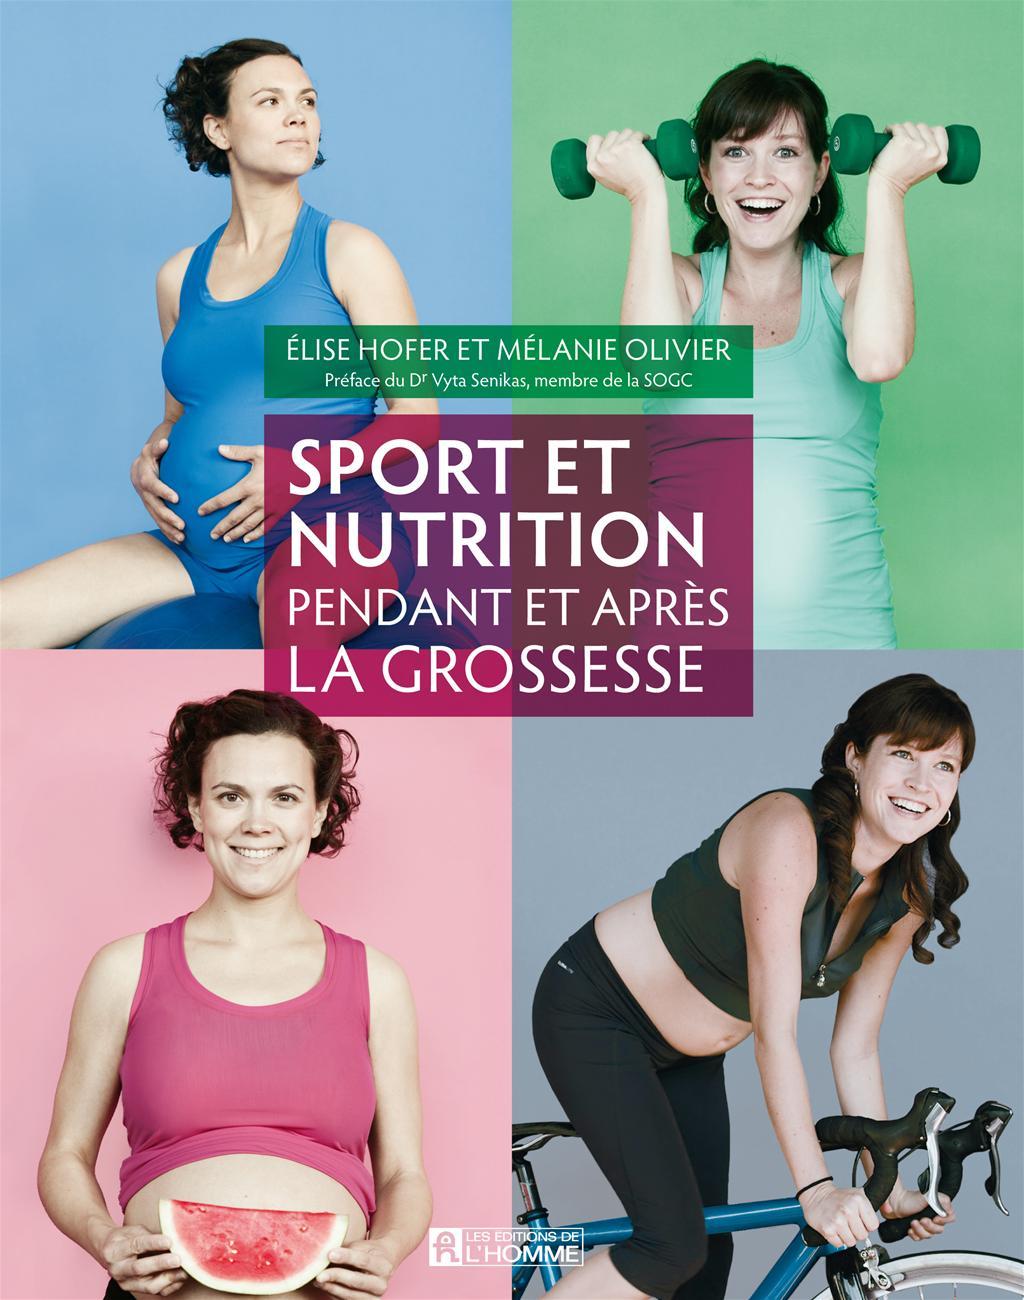 Exceptionnel Livre Sport et nutrition pendant et après la grossesse | Les  YN23